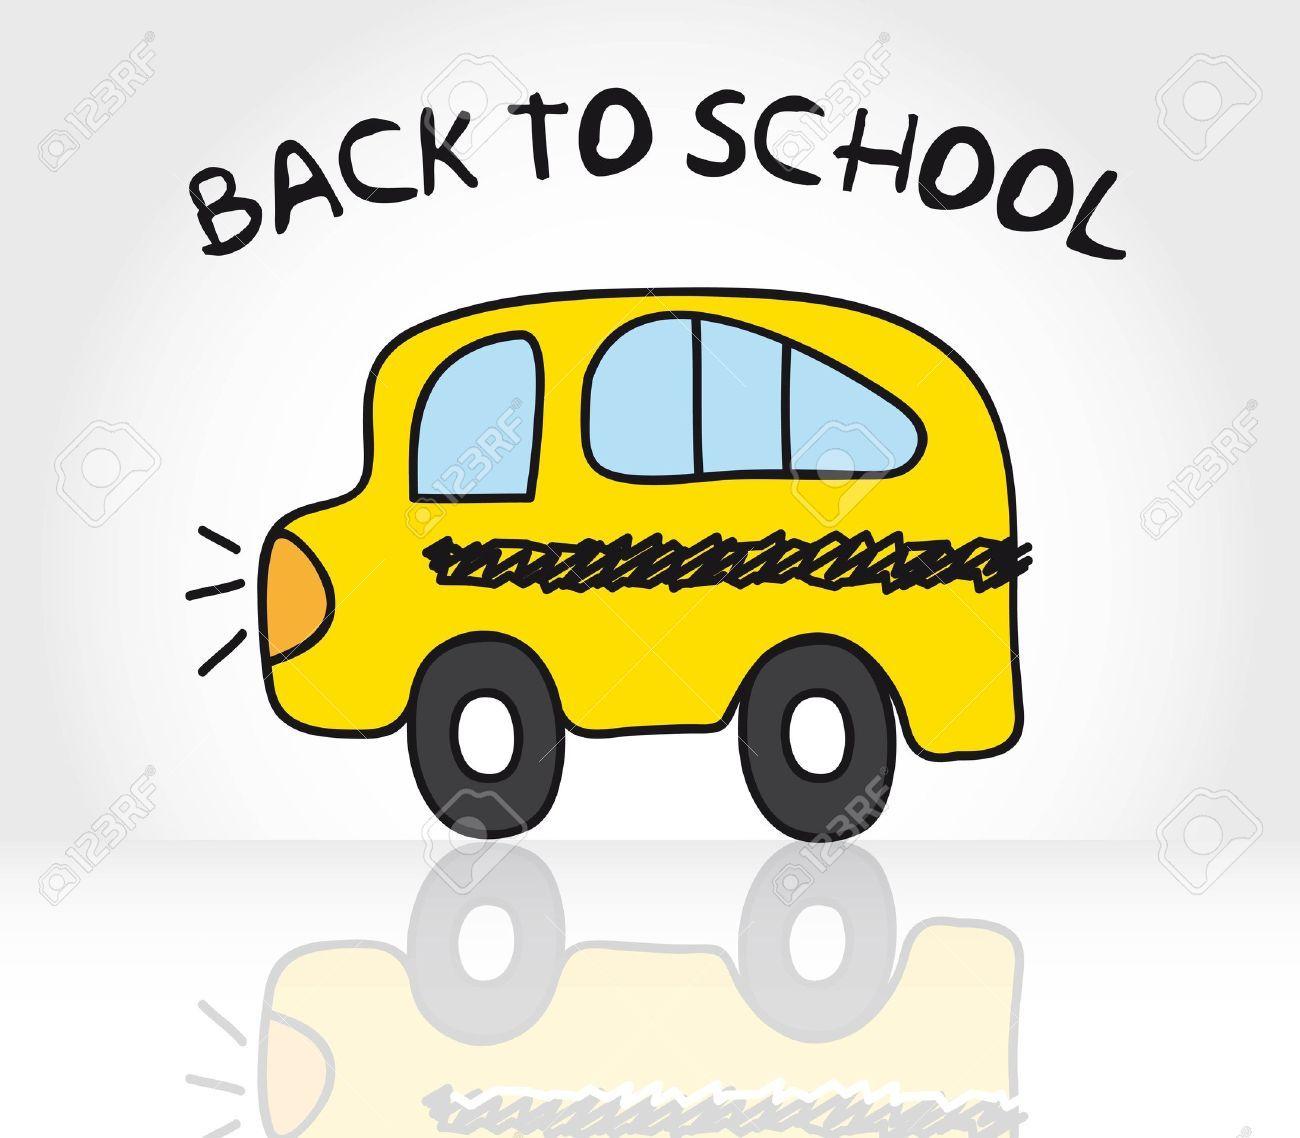 12495162-autob-s-de-la-escuela-de-dibujo-con-sombra-volver-a-la ...